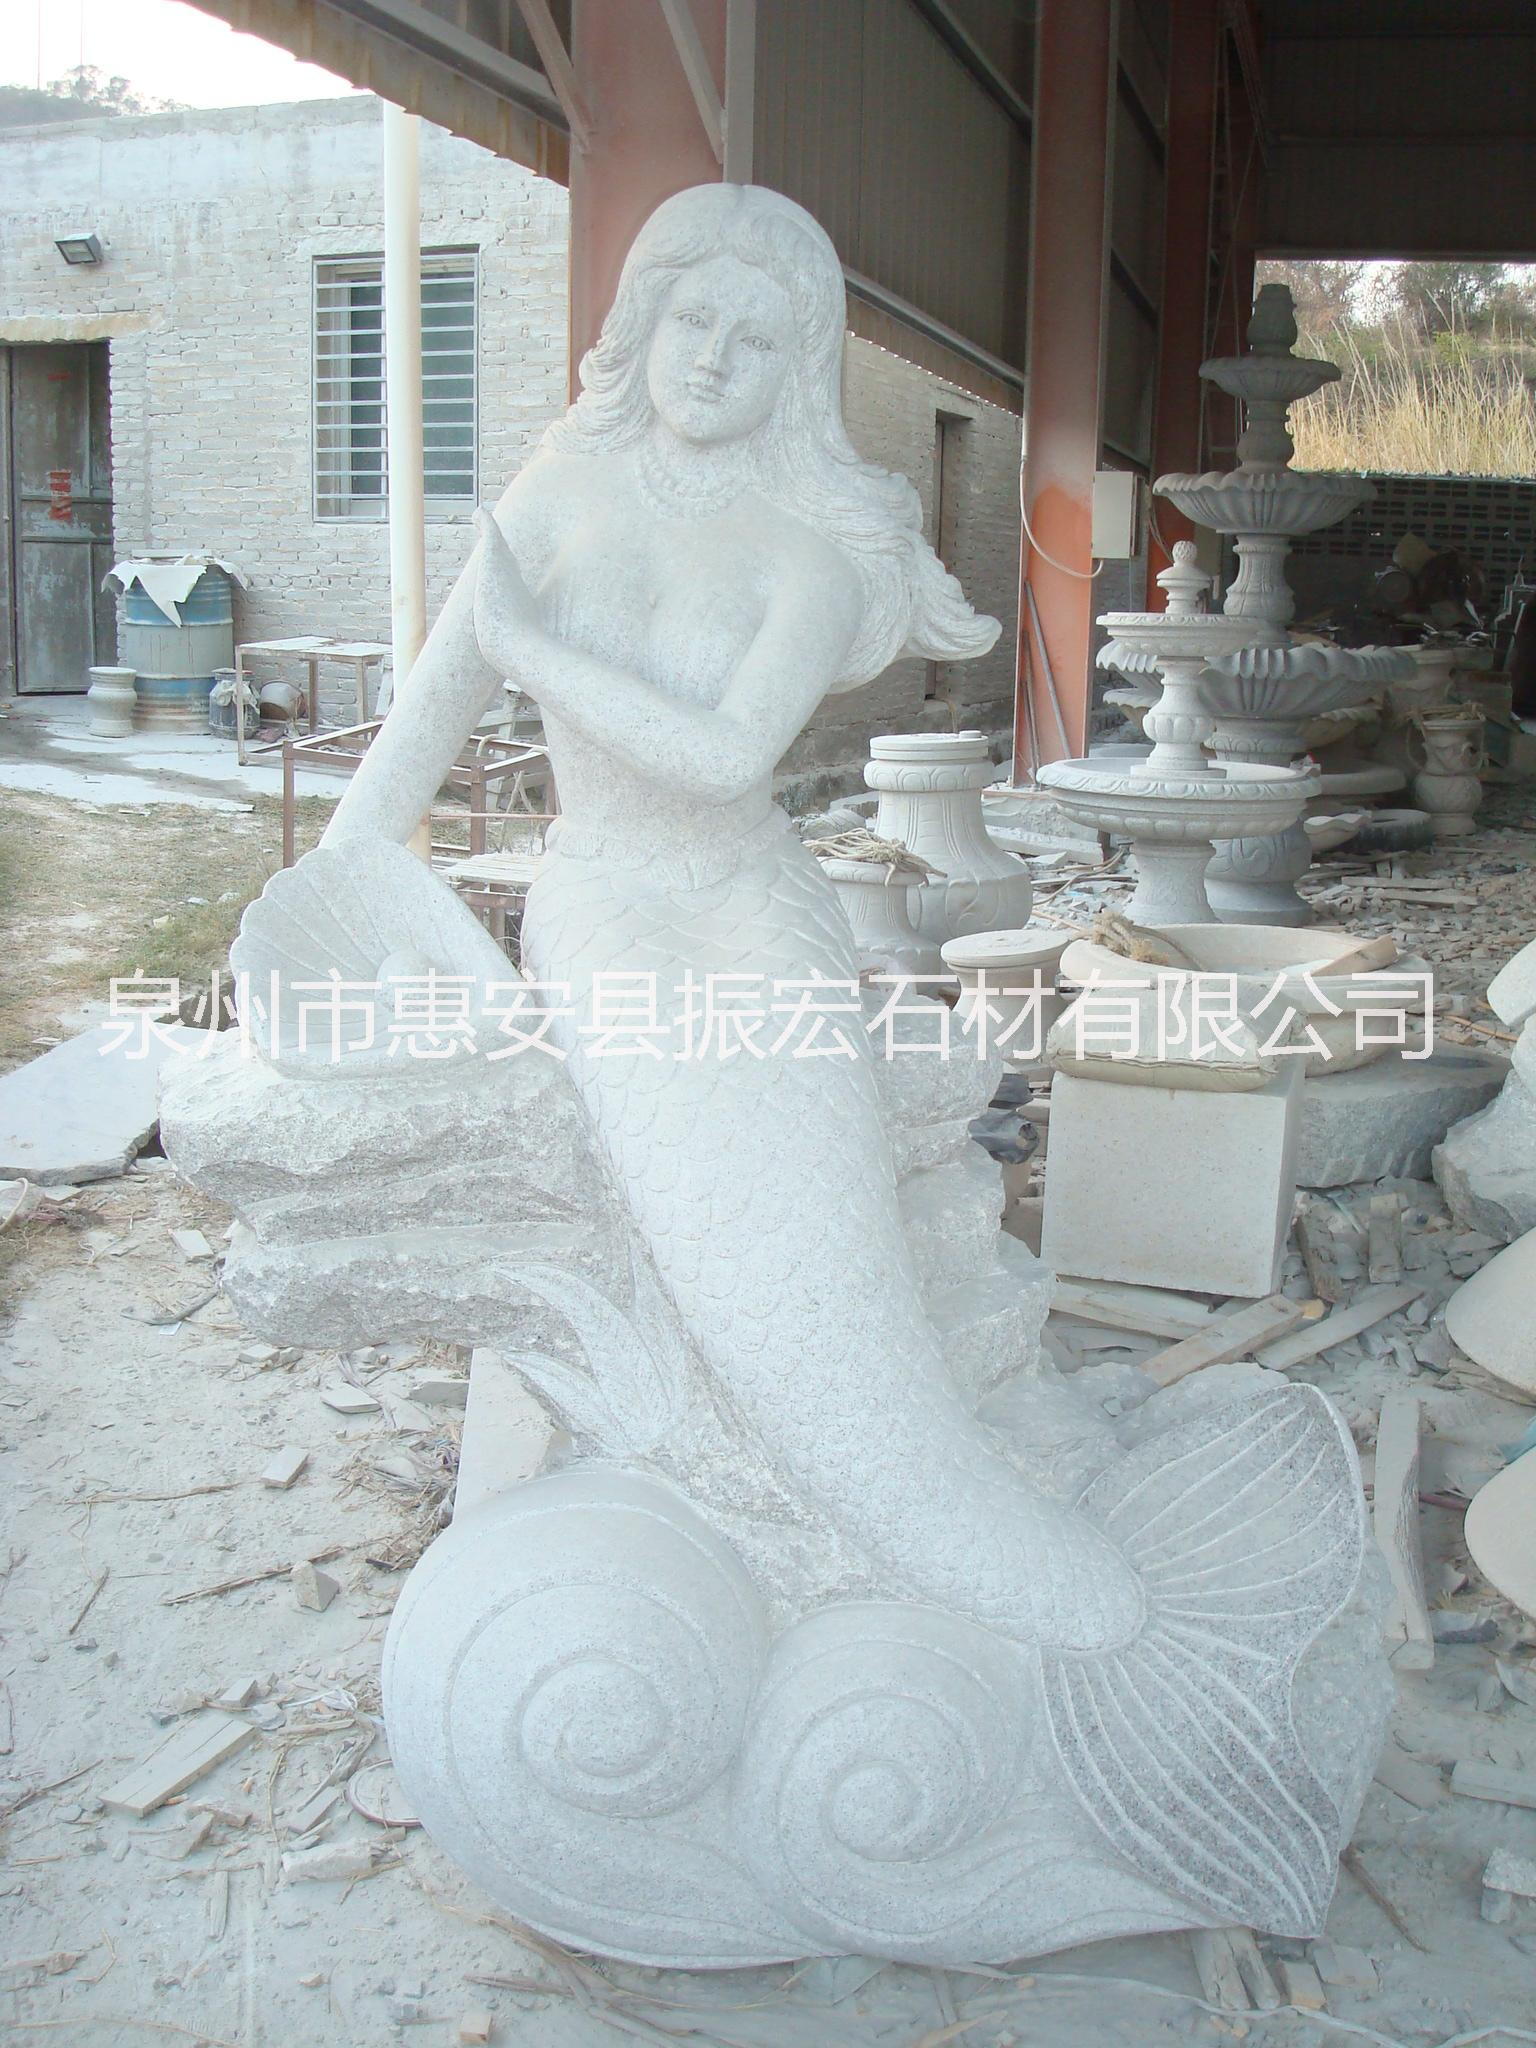 人物像雕刻雕塑 石雕人物像雕刻雕塑供应商   我想要了解: 产品价格